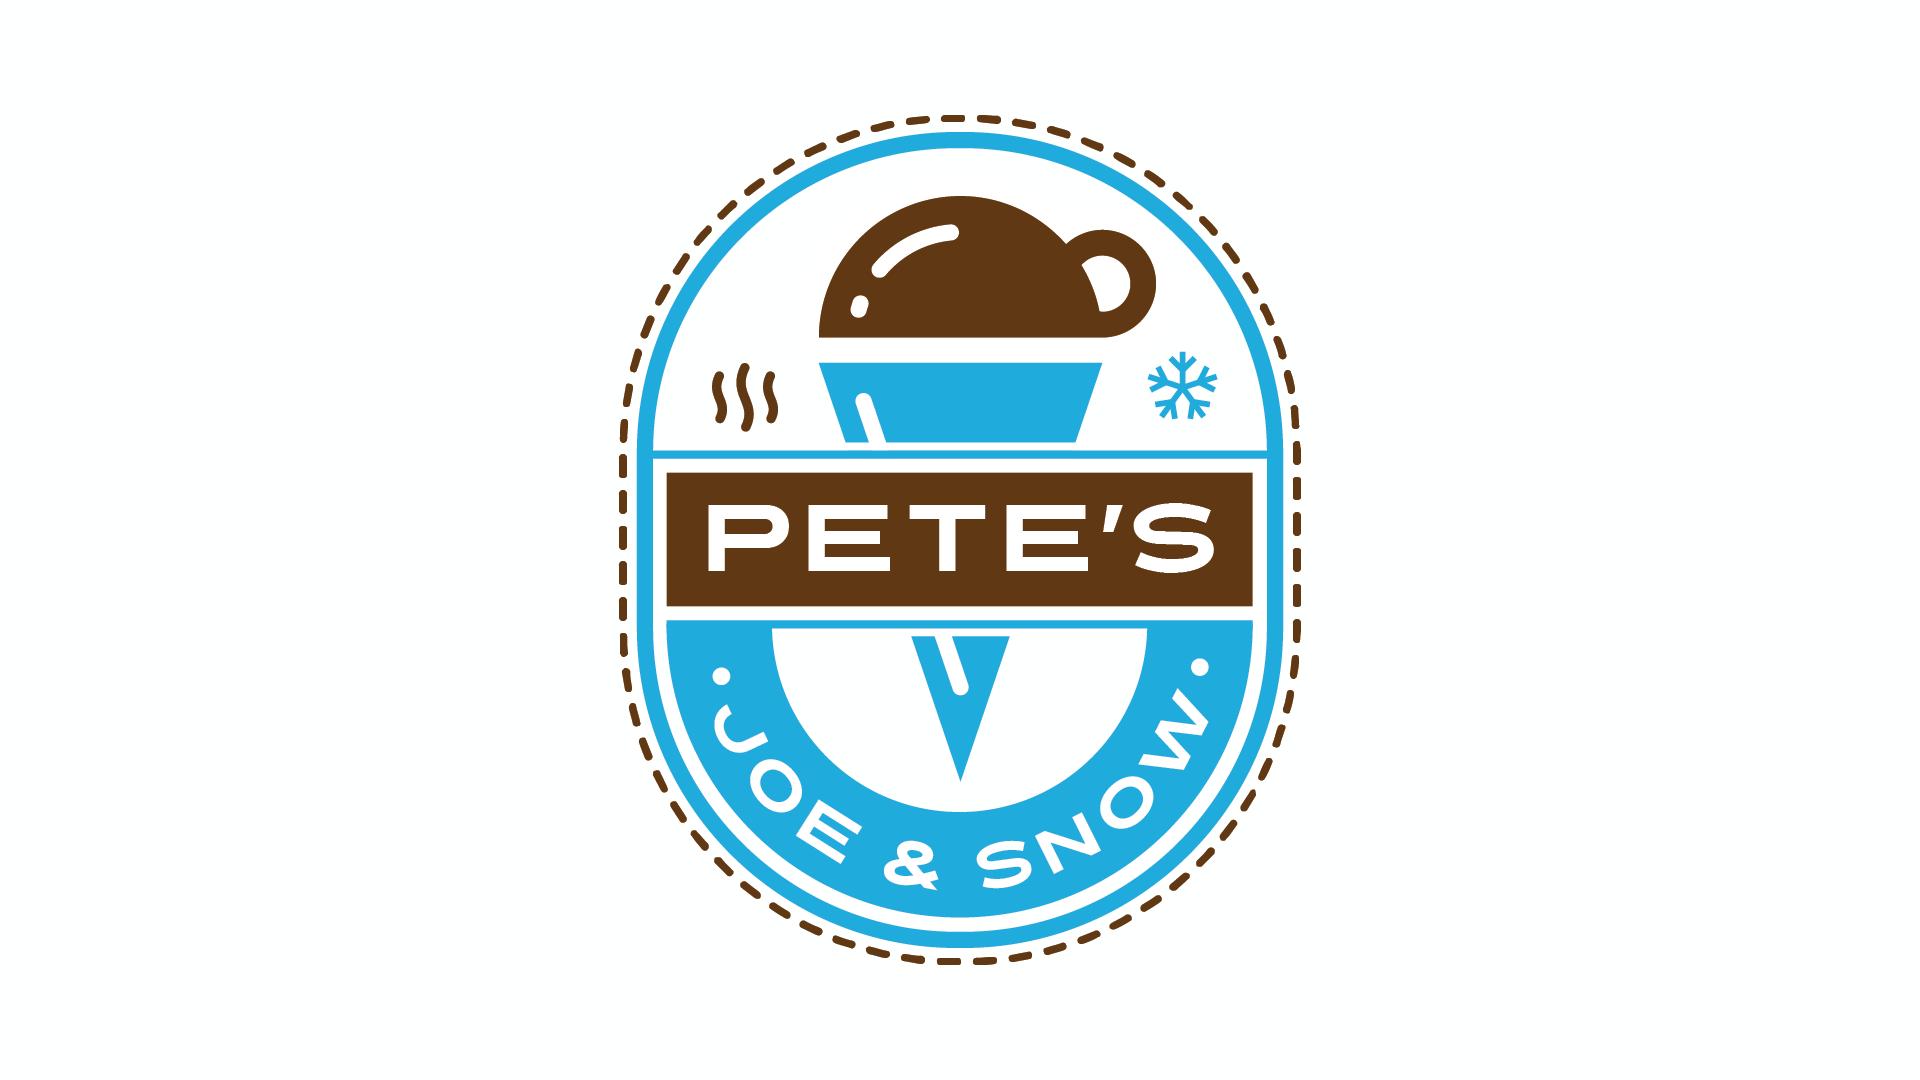 petes_joe_snow_2_logo.png